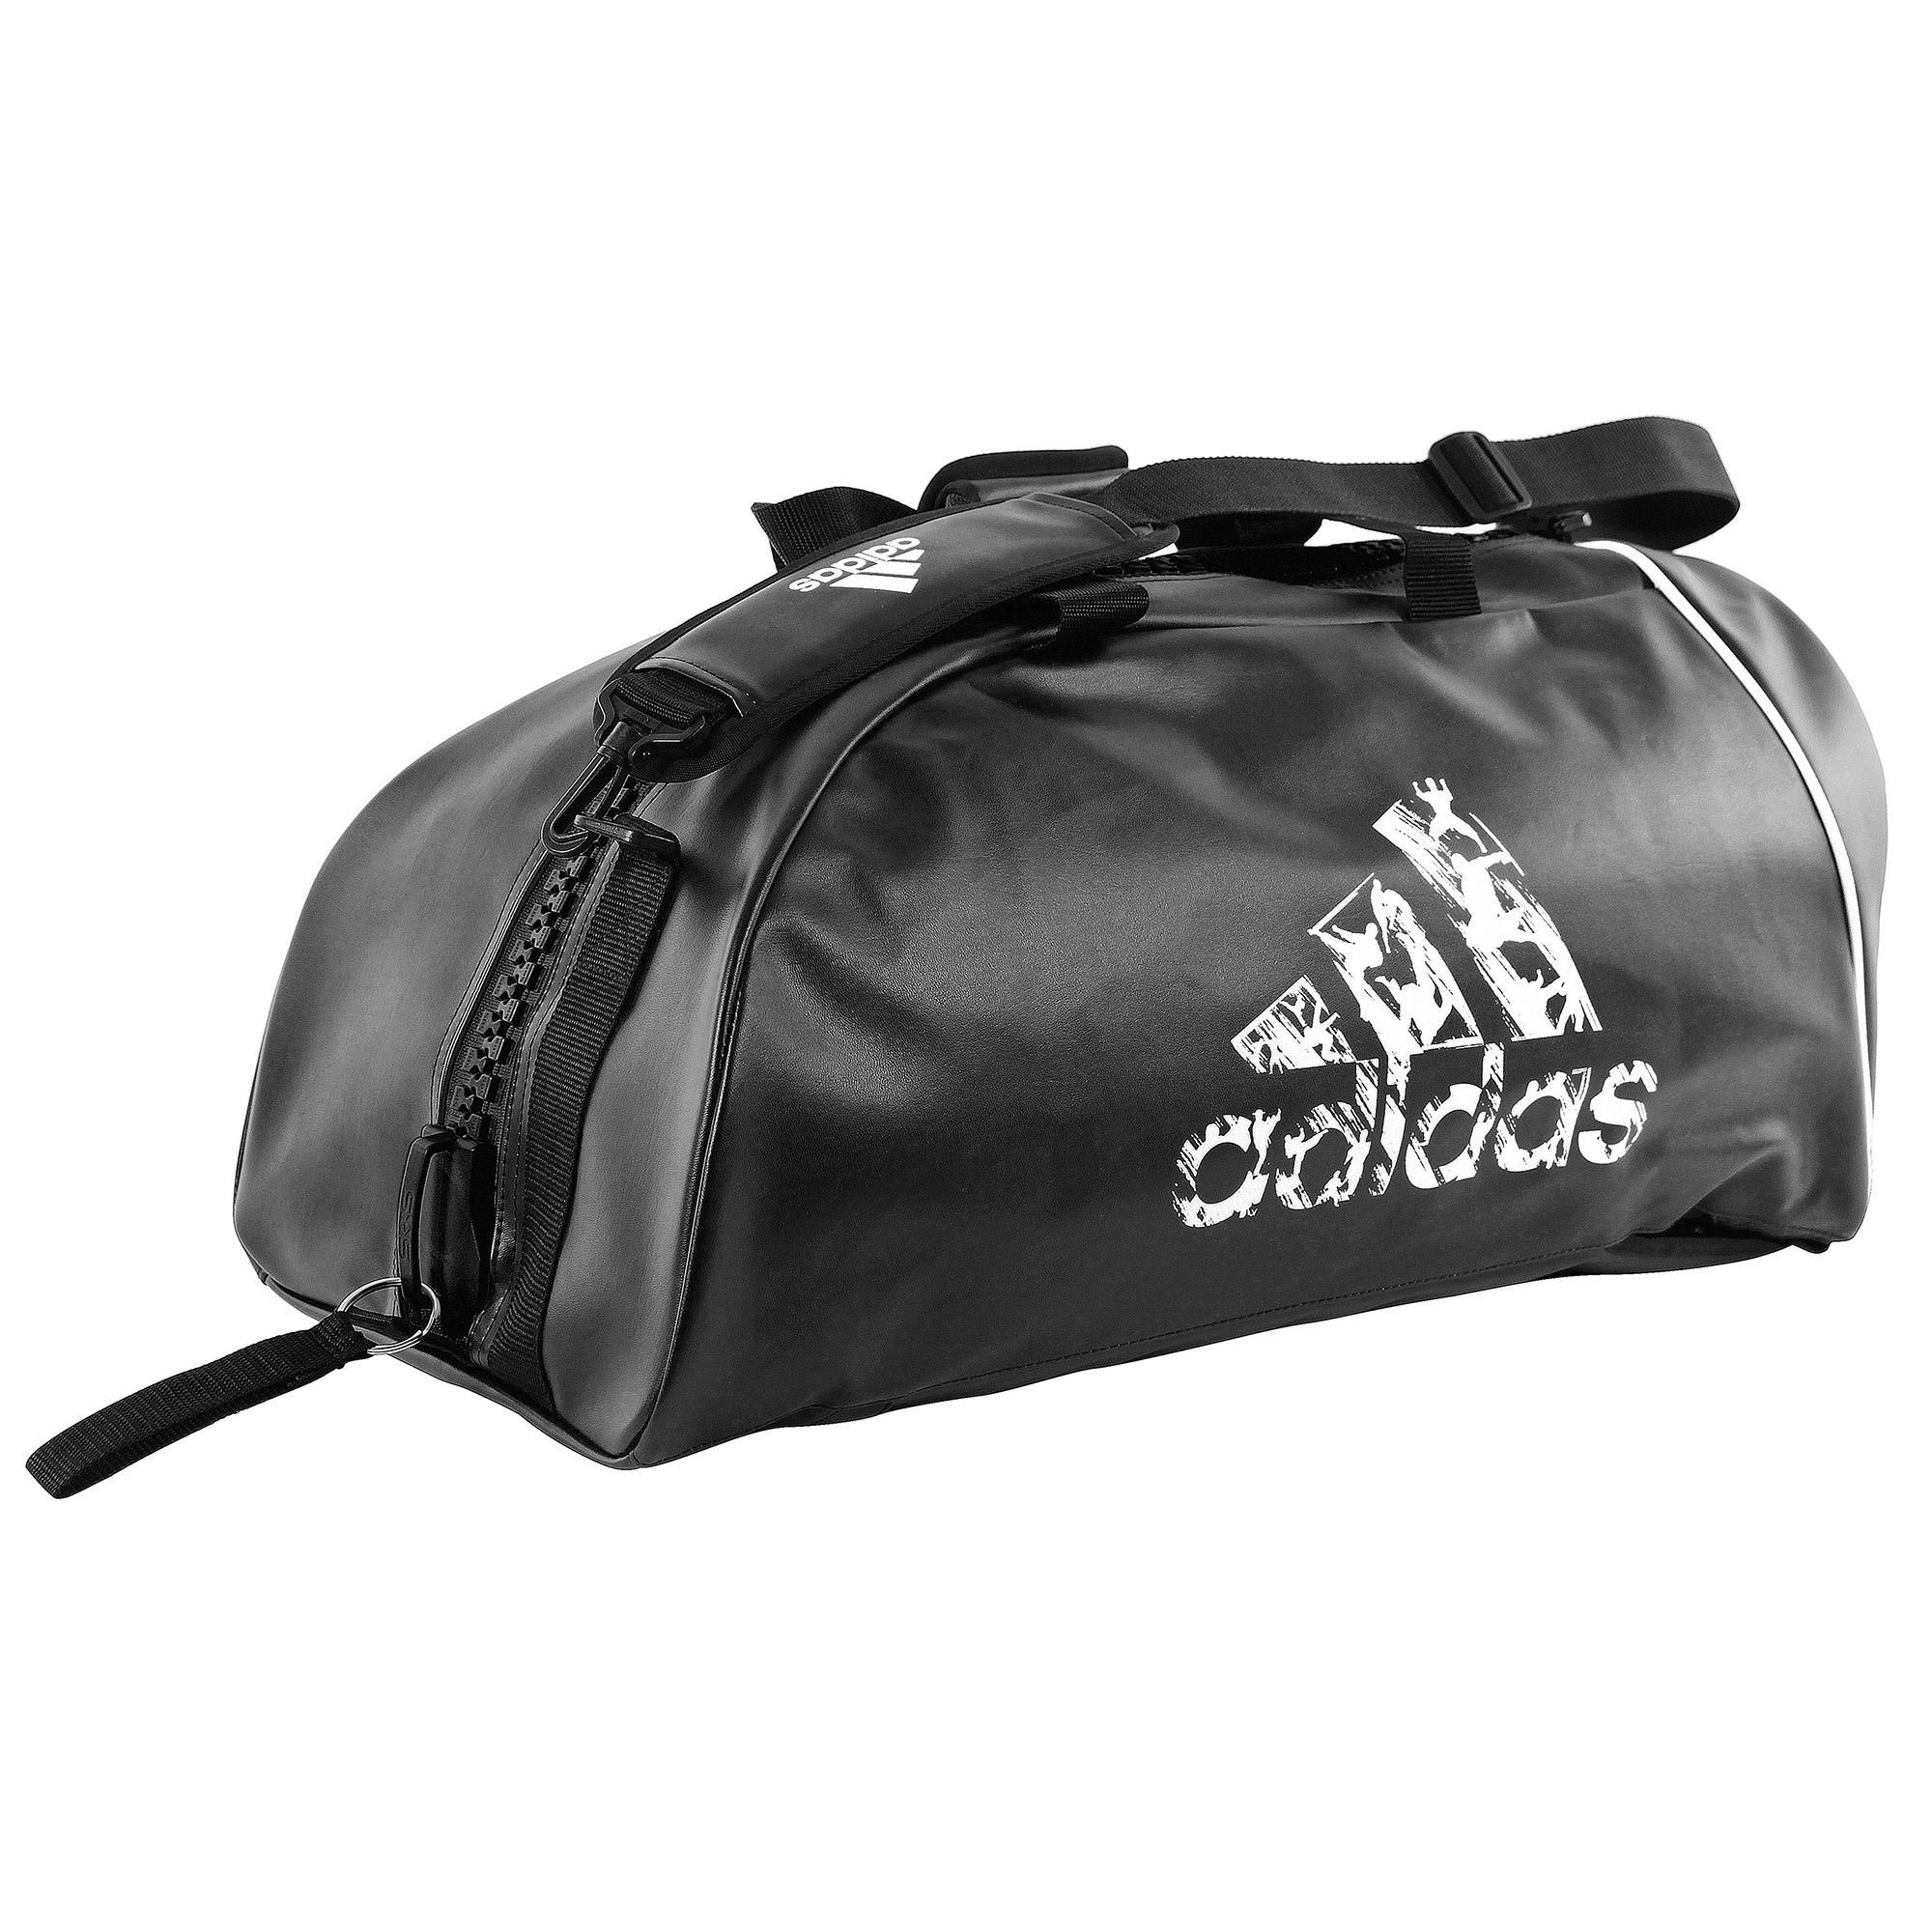 goedkoop te koop het meest geliefd speciaal voor schoenen Sporttas Adidas 65 l grote opening met rits